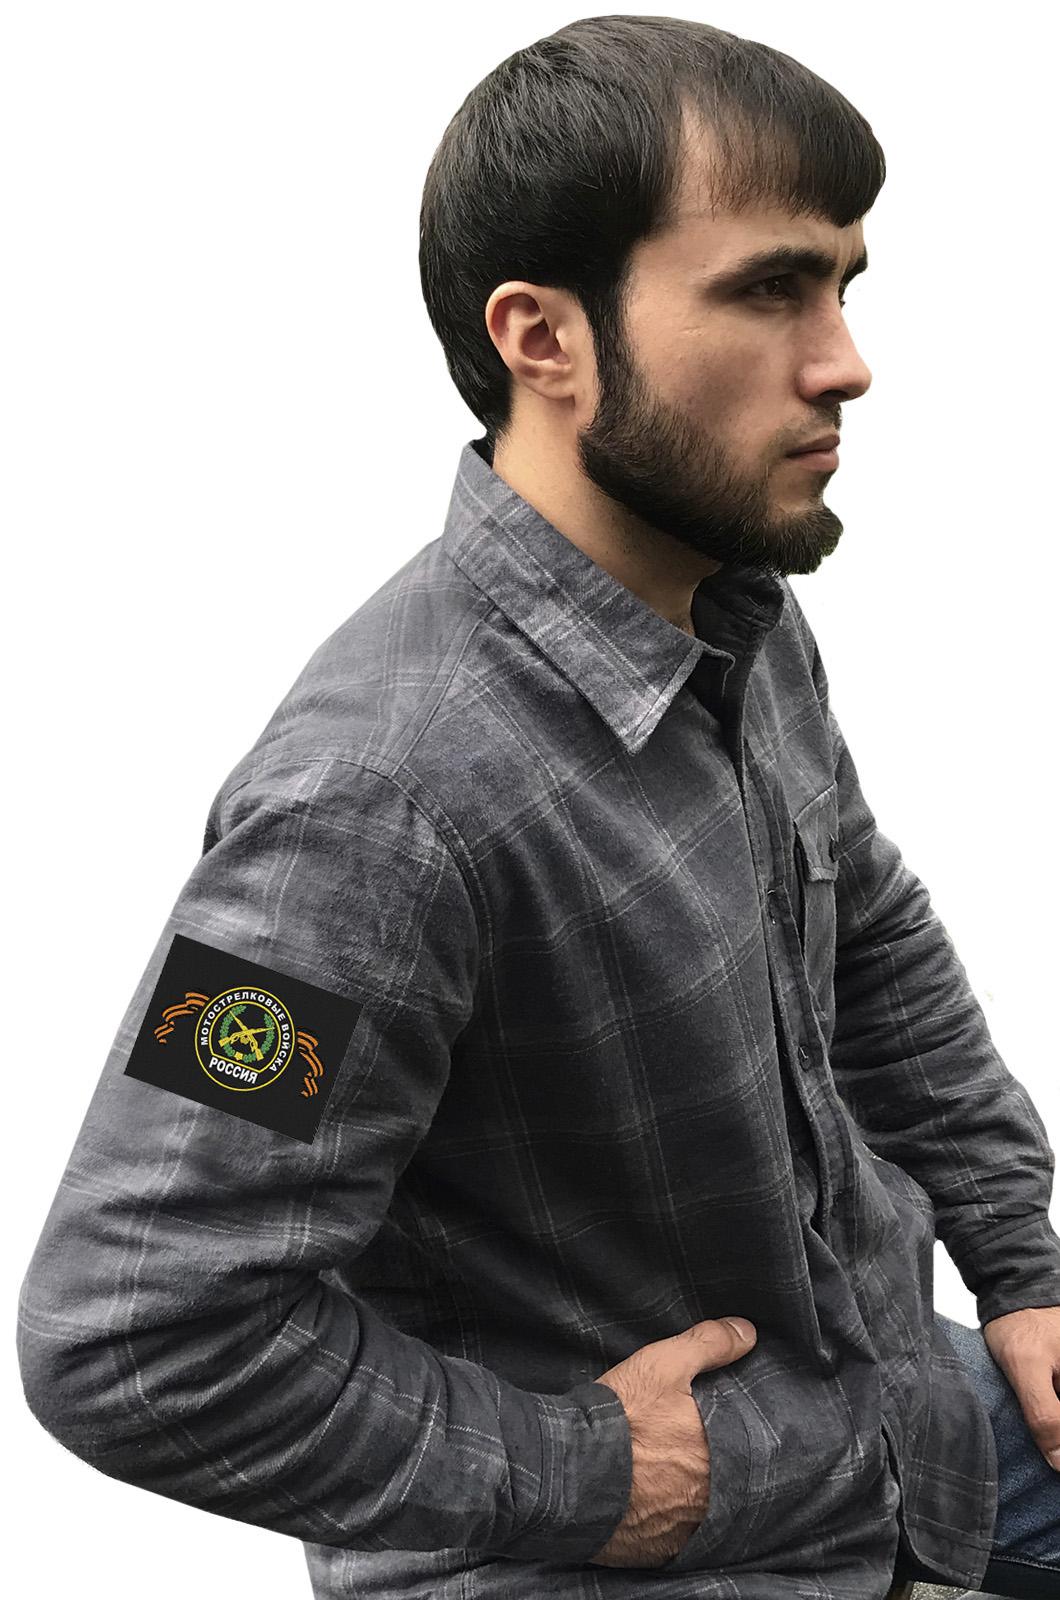 Мужская серая рубашка с вышитым шевроном Мотострелковые Войска - купить по низкой цене